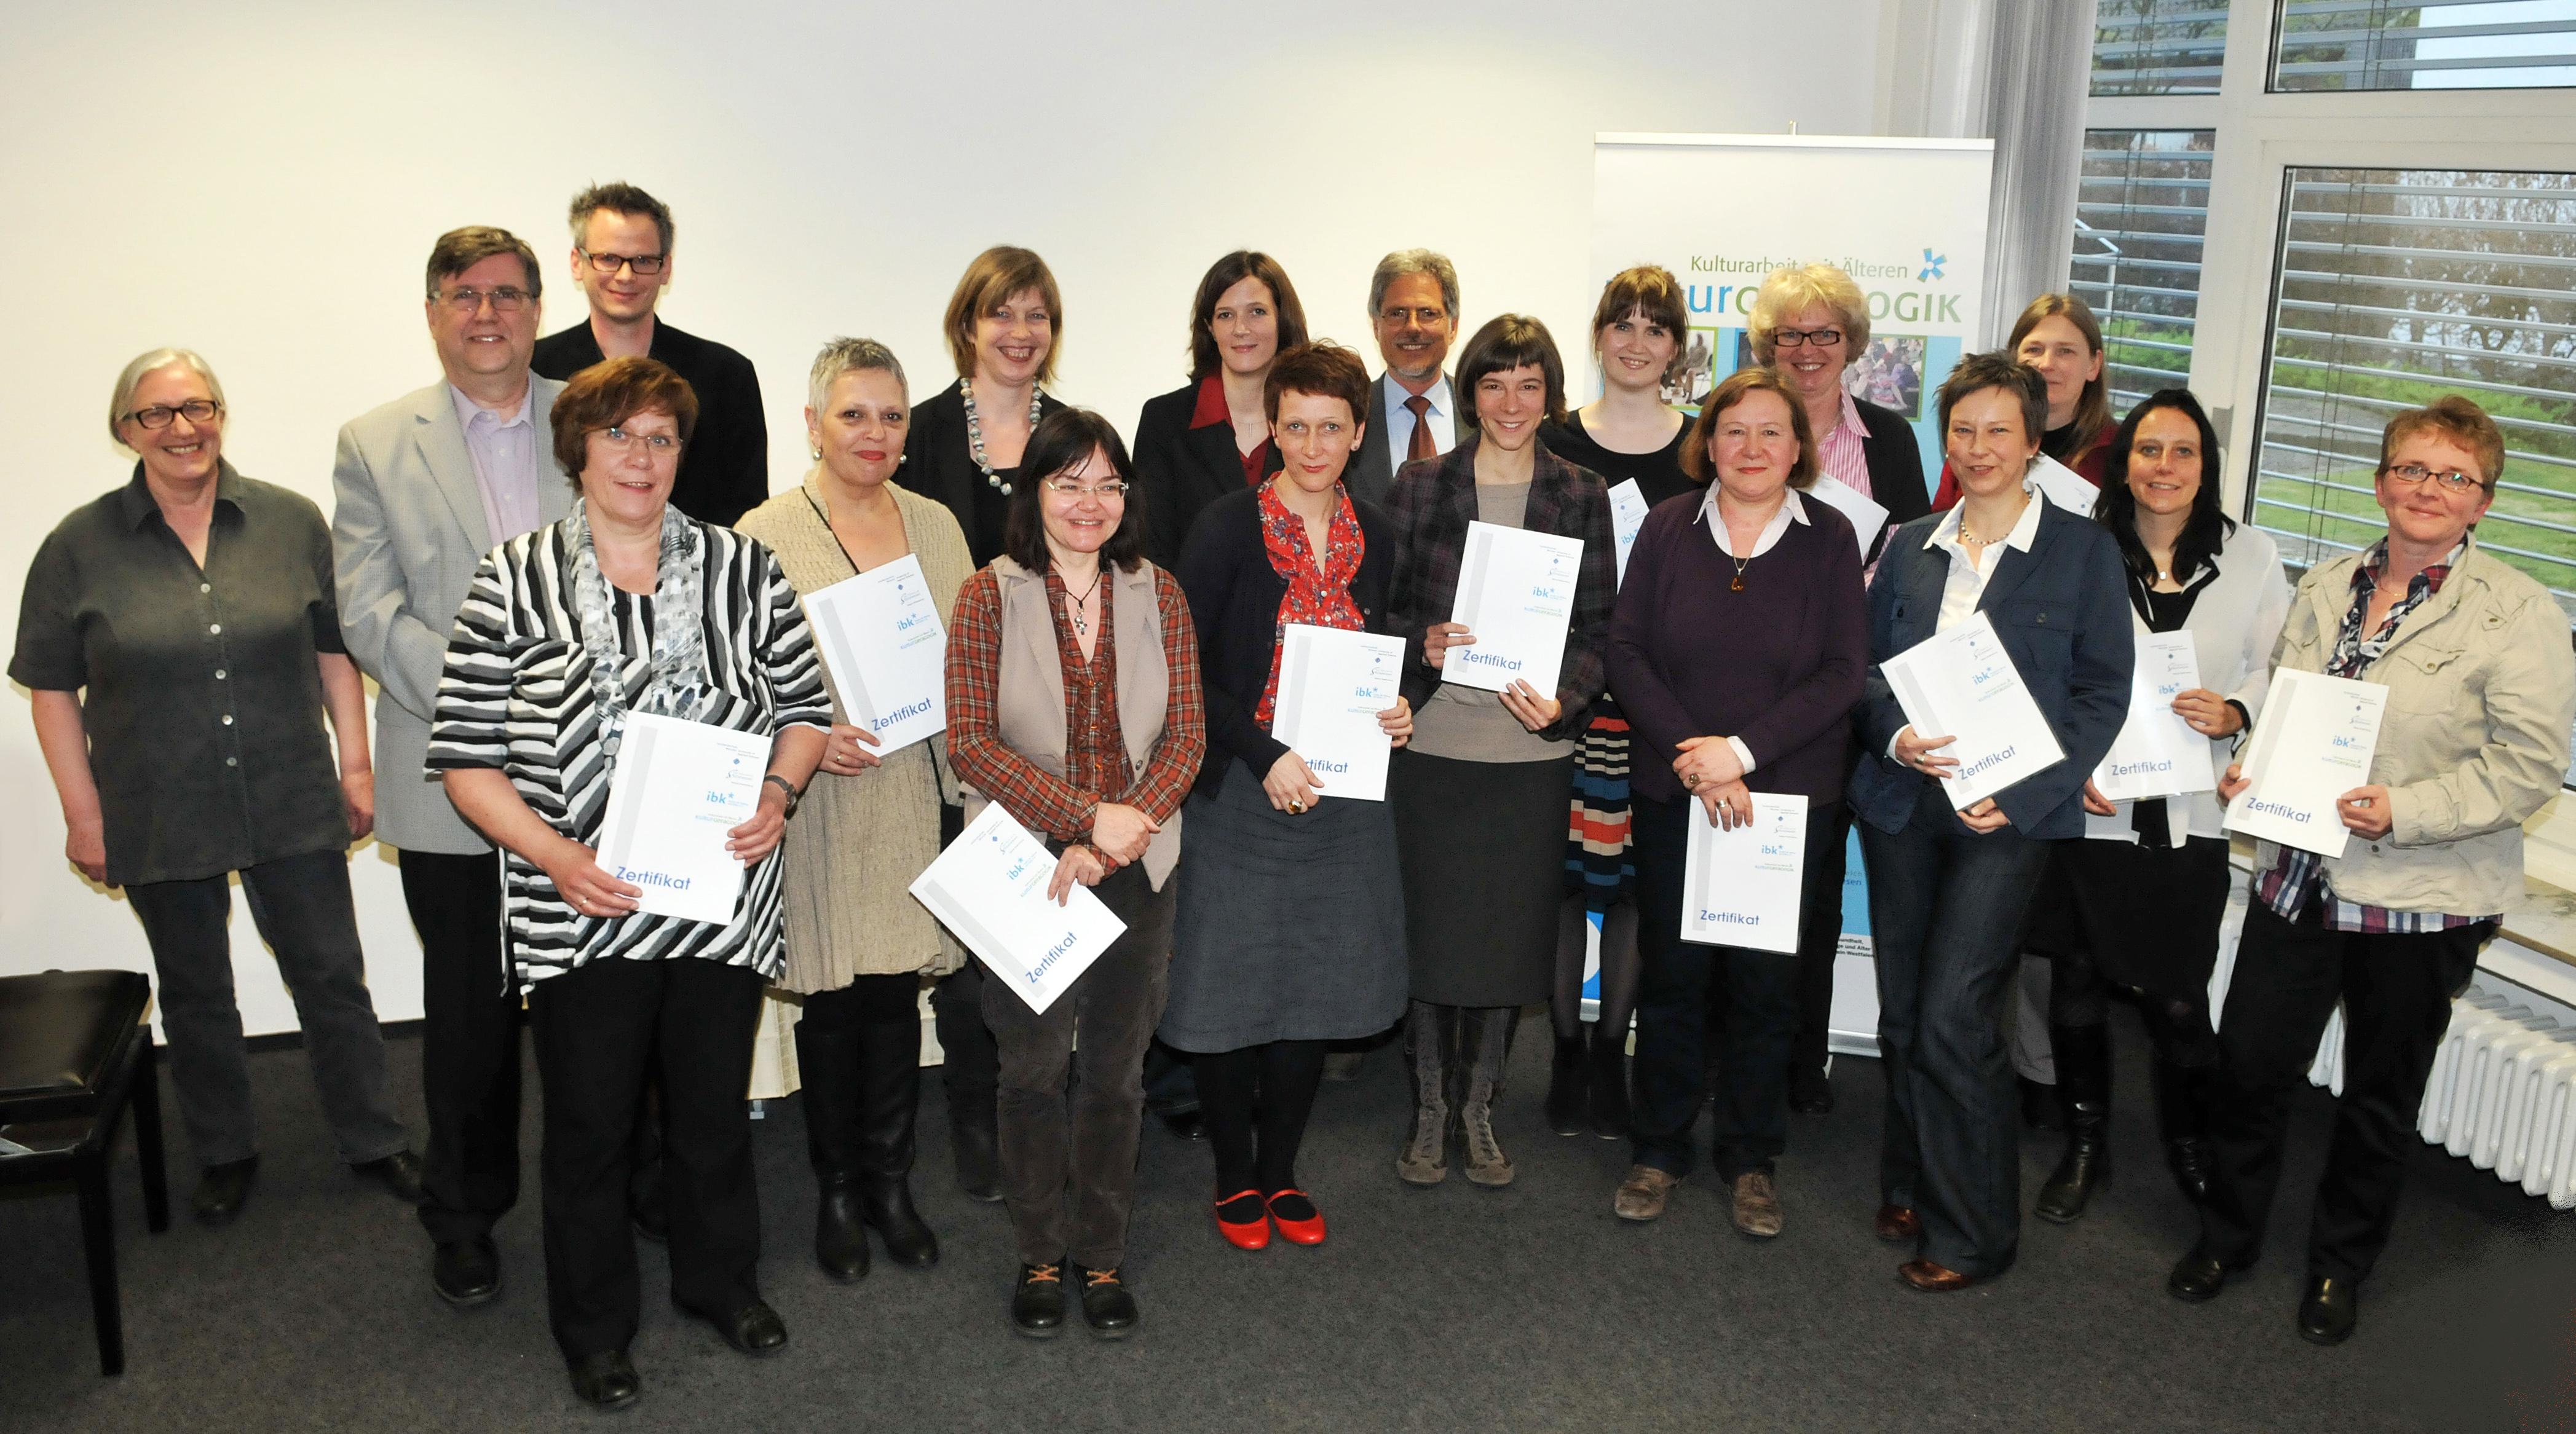 Gruppenfoto der 14 Teilnehmerinnen des Zertifikatskurs Kulturgeragogik mit Gratulanten Dr. Claus Eppe, Magdalena Megler, Stefan Gesmann und Prof. Dr. Hans-Hermann Wickel.